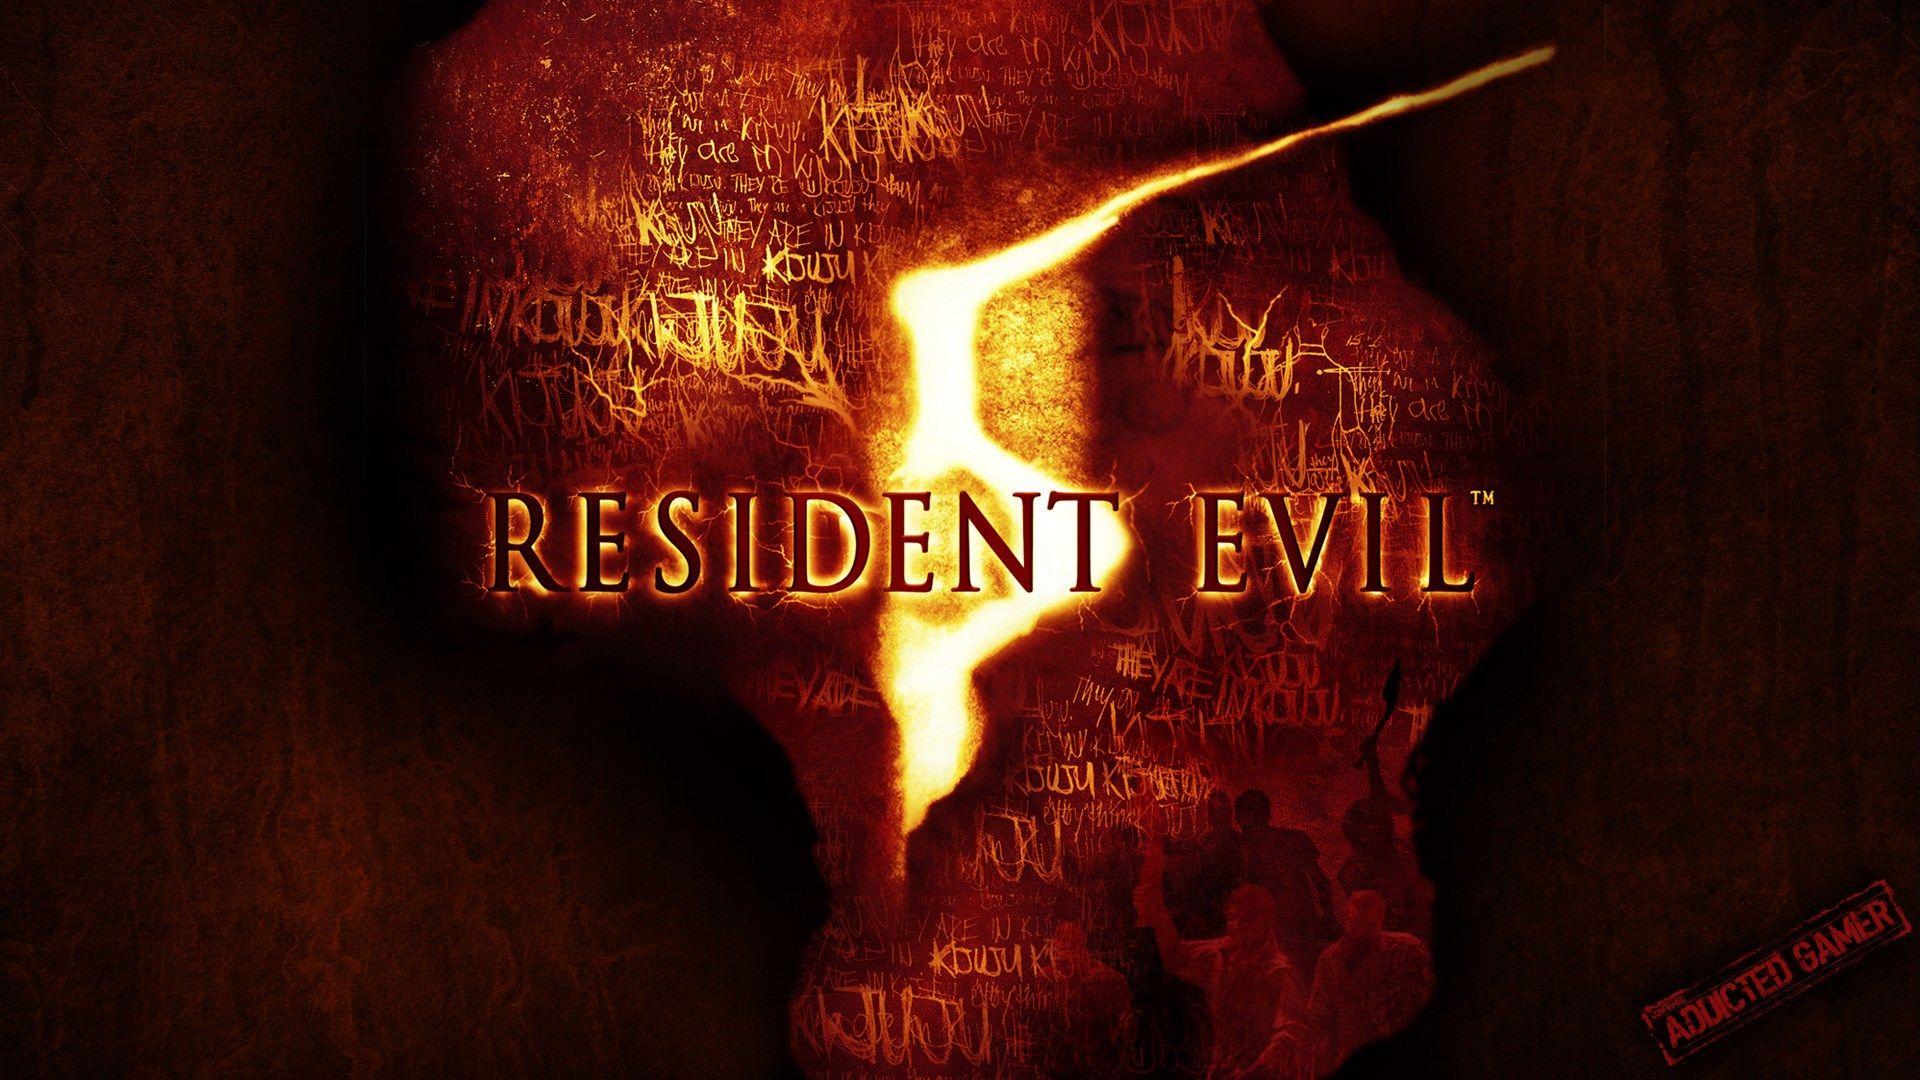 1920x1080 Resident Evil 5 game wallpaper